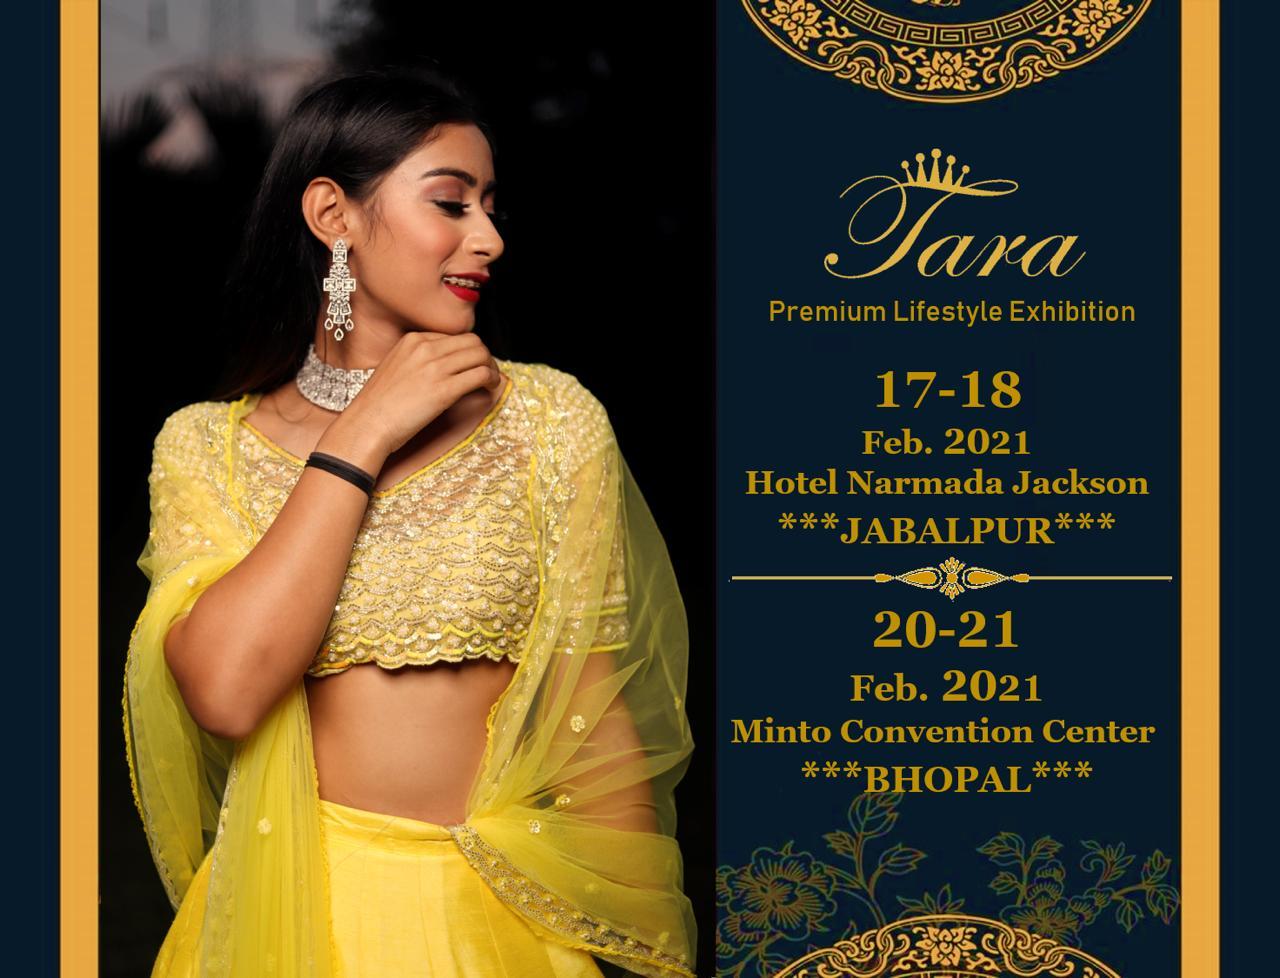 Tara Premium Lifestyle Exhibition